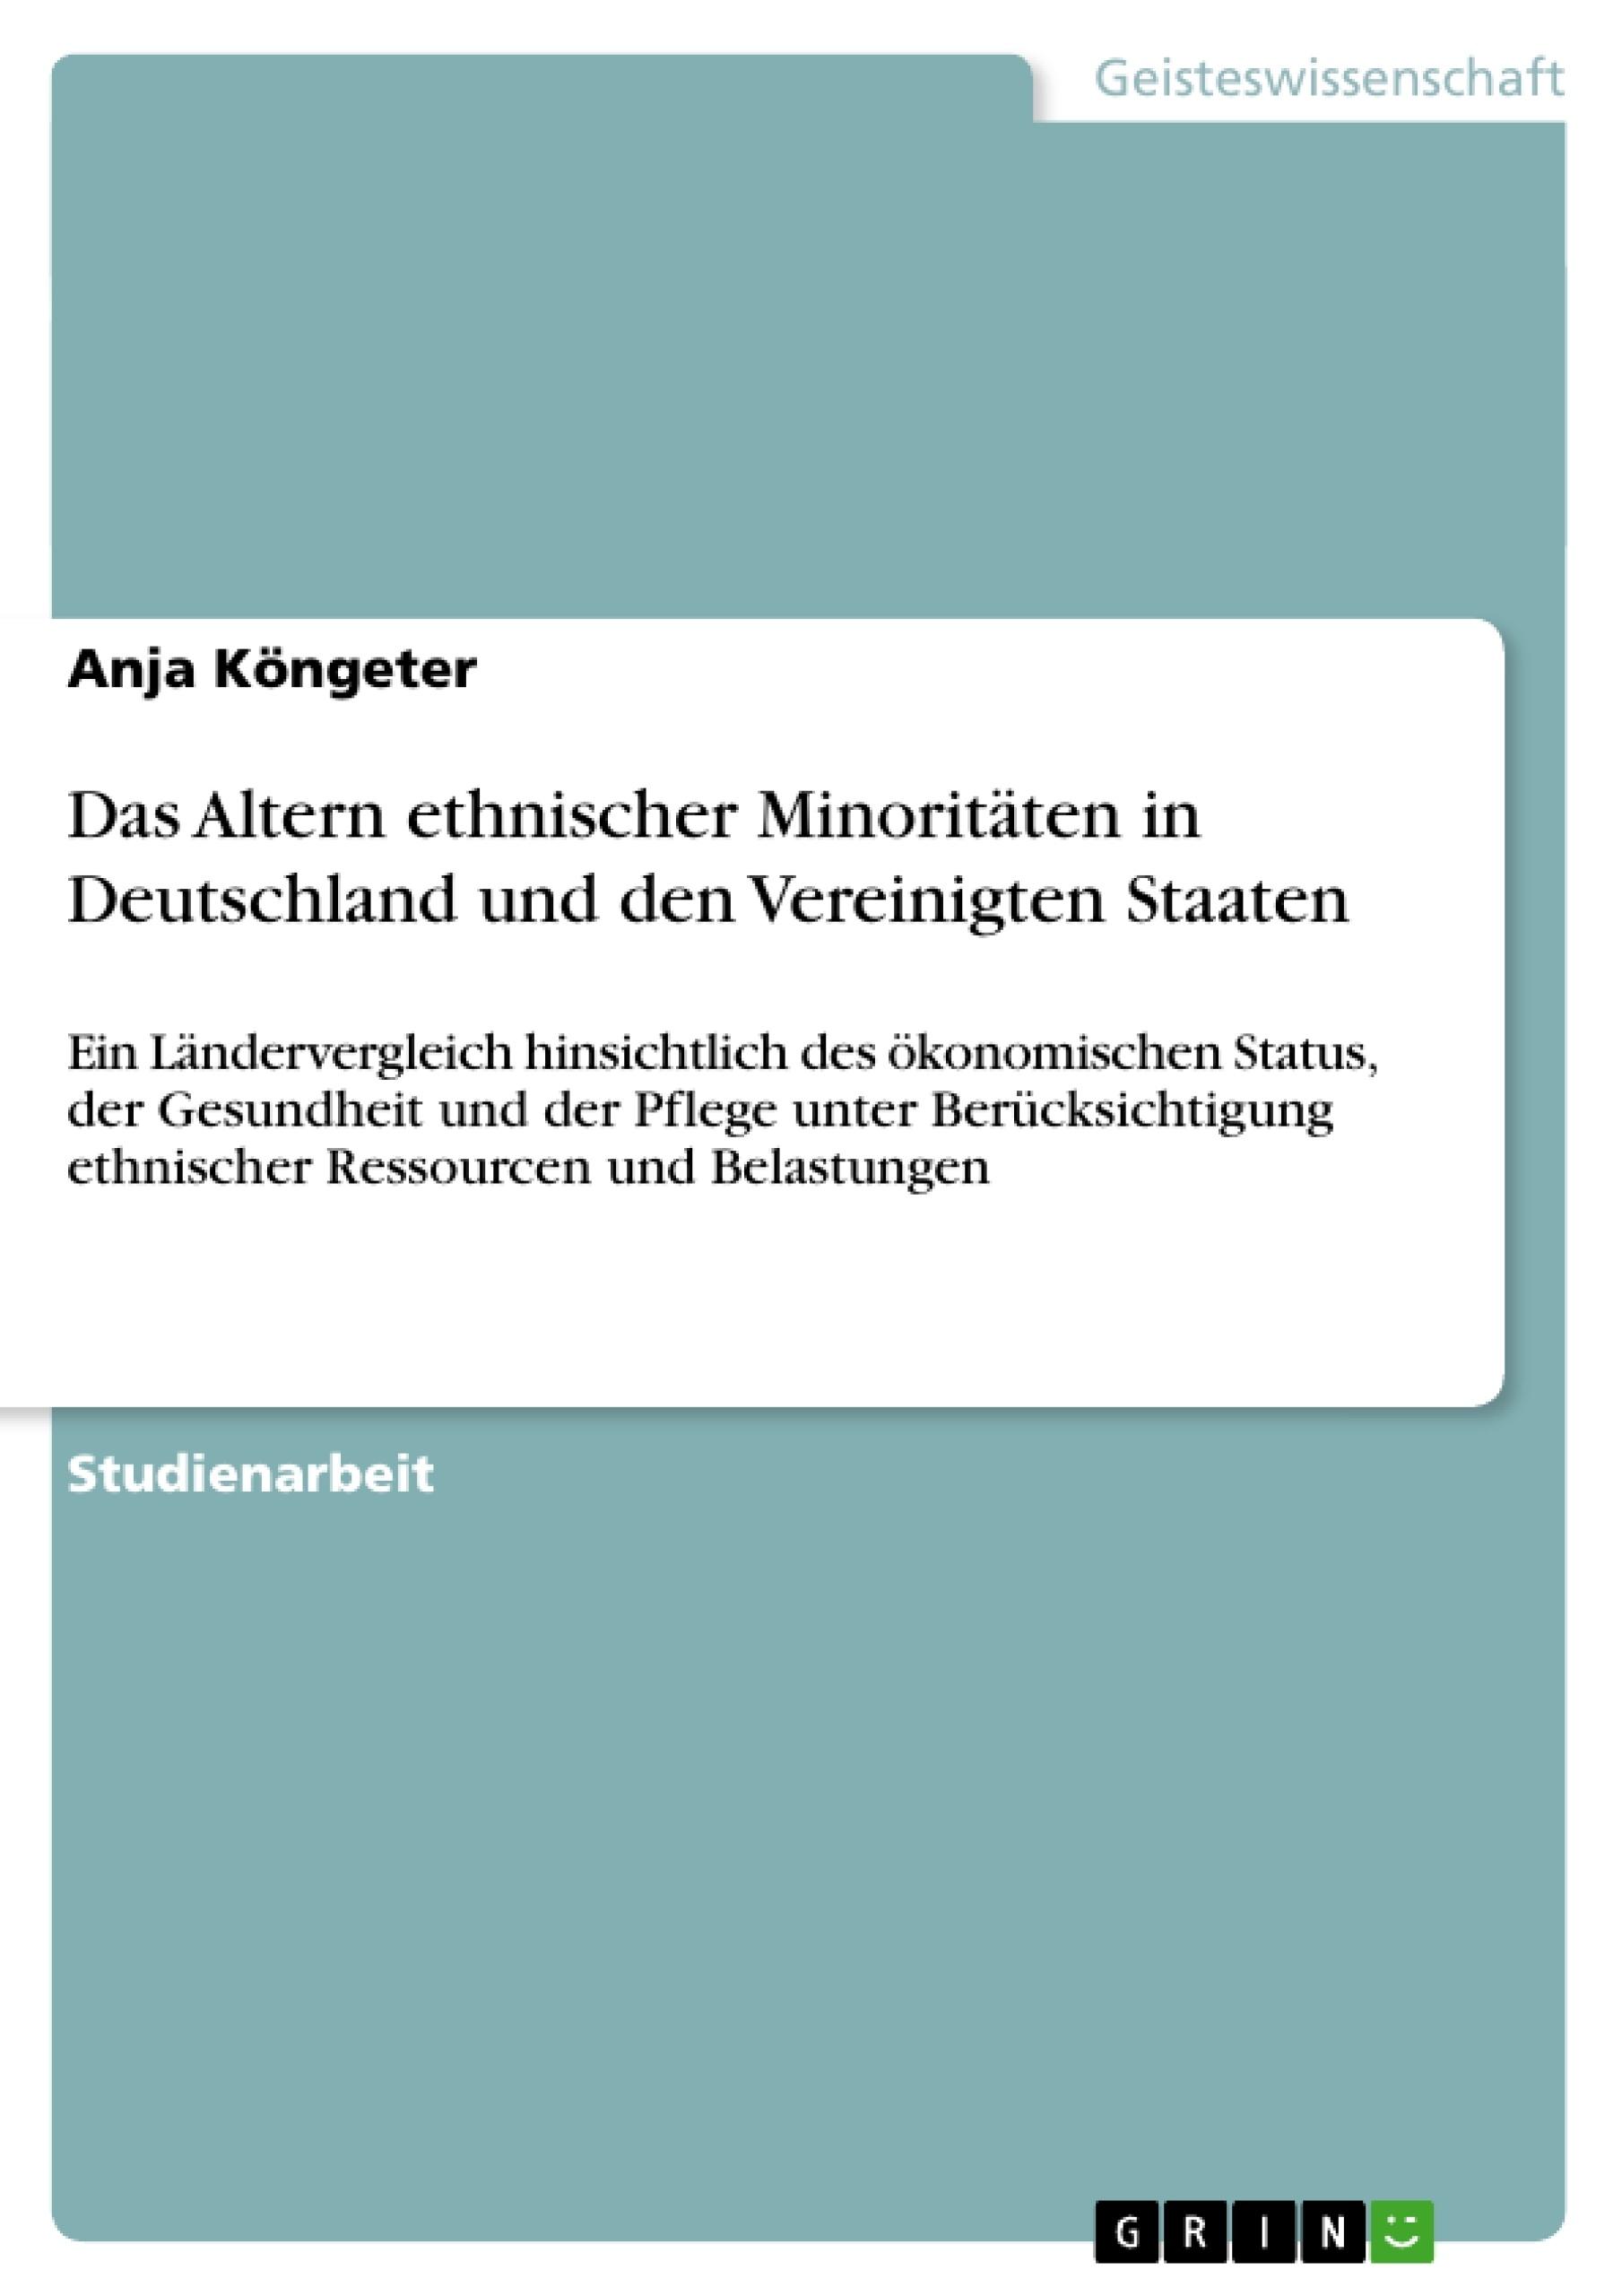 Titel: Das Altern ethnischer Minoritäten in Deutschland und den Vereinigten Staaten